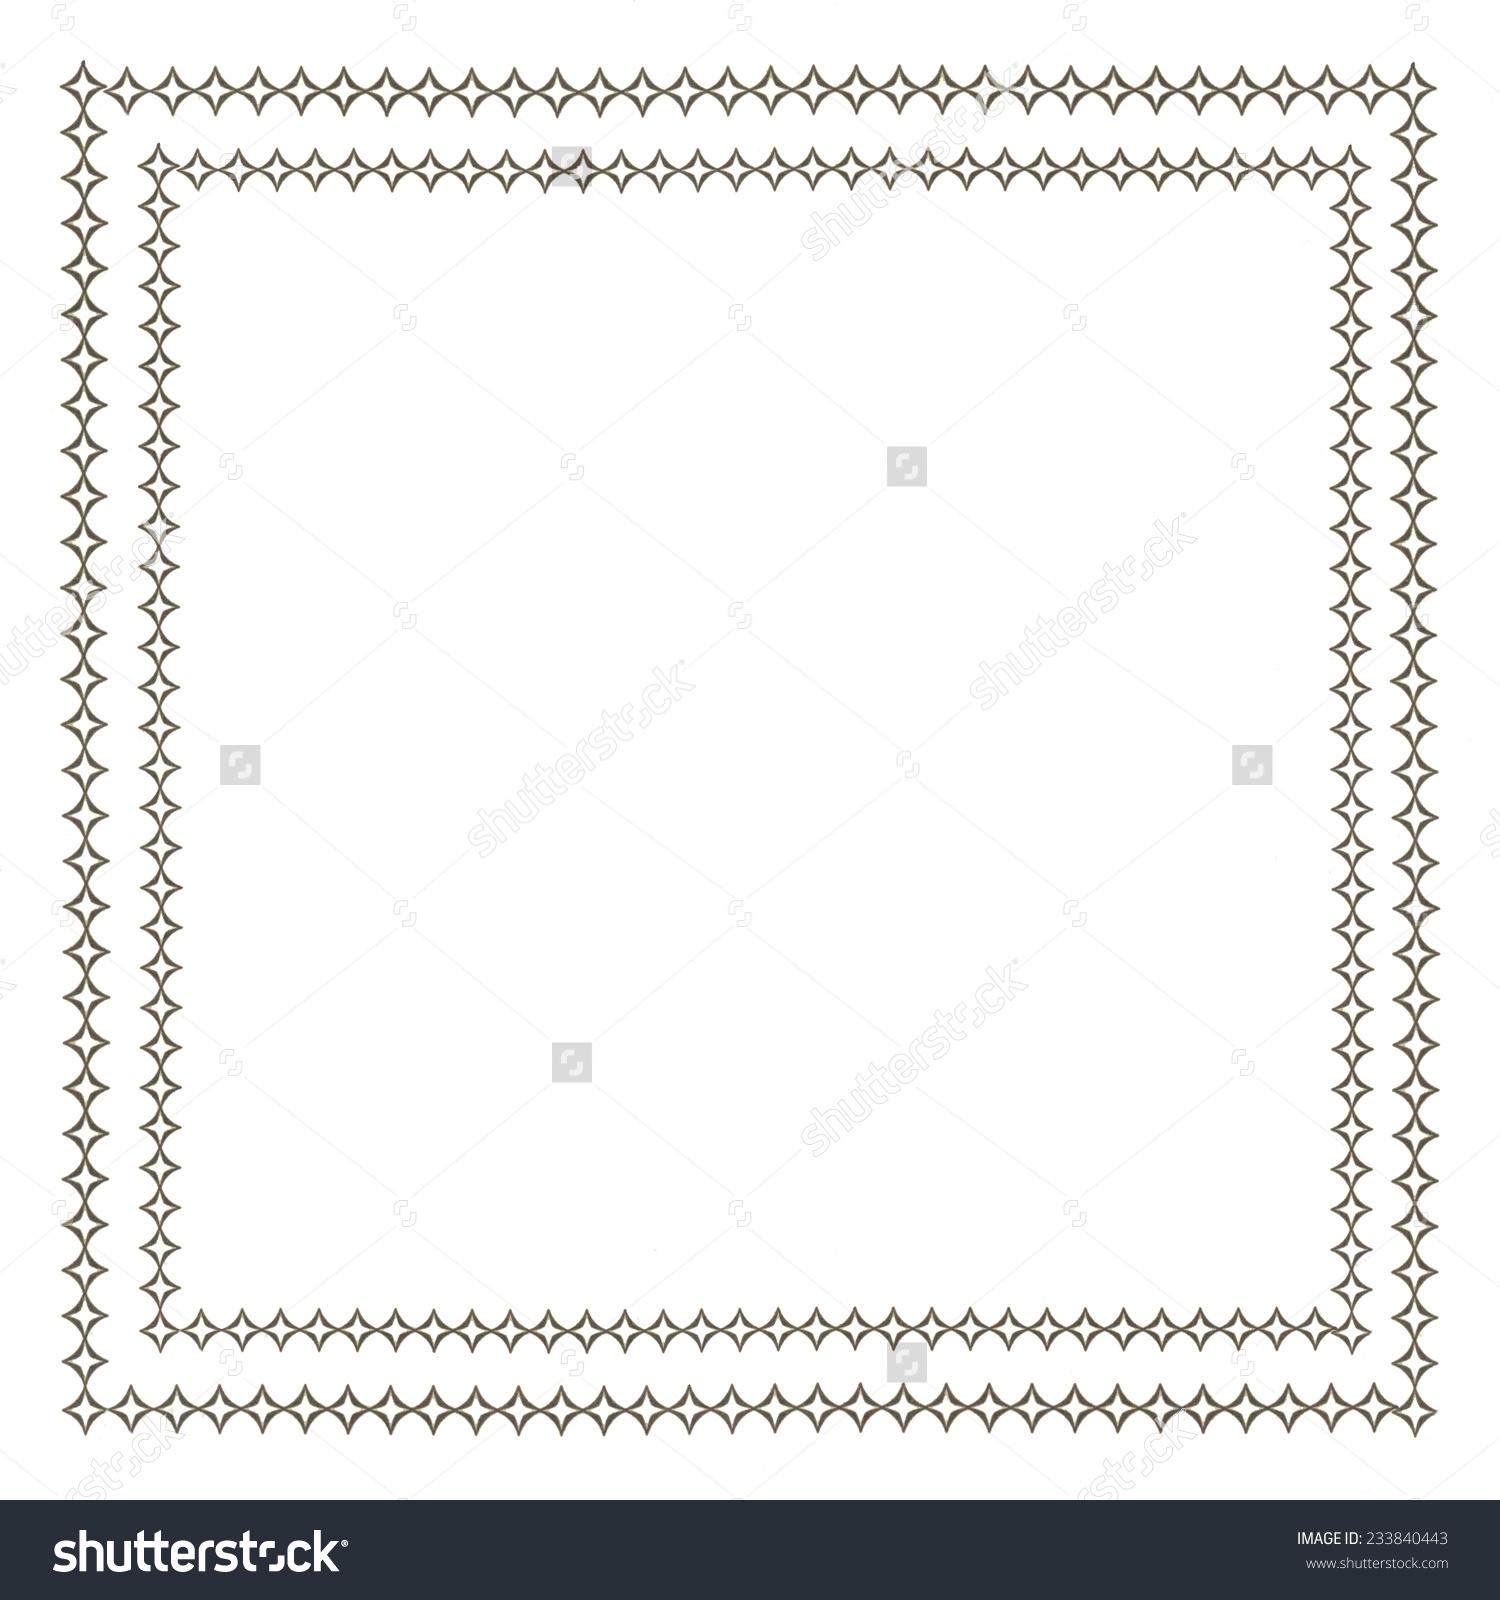 双排菱形镶边的白色-背景/素材